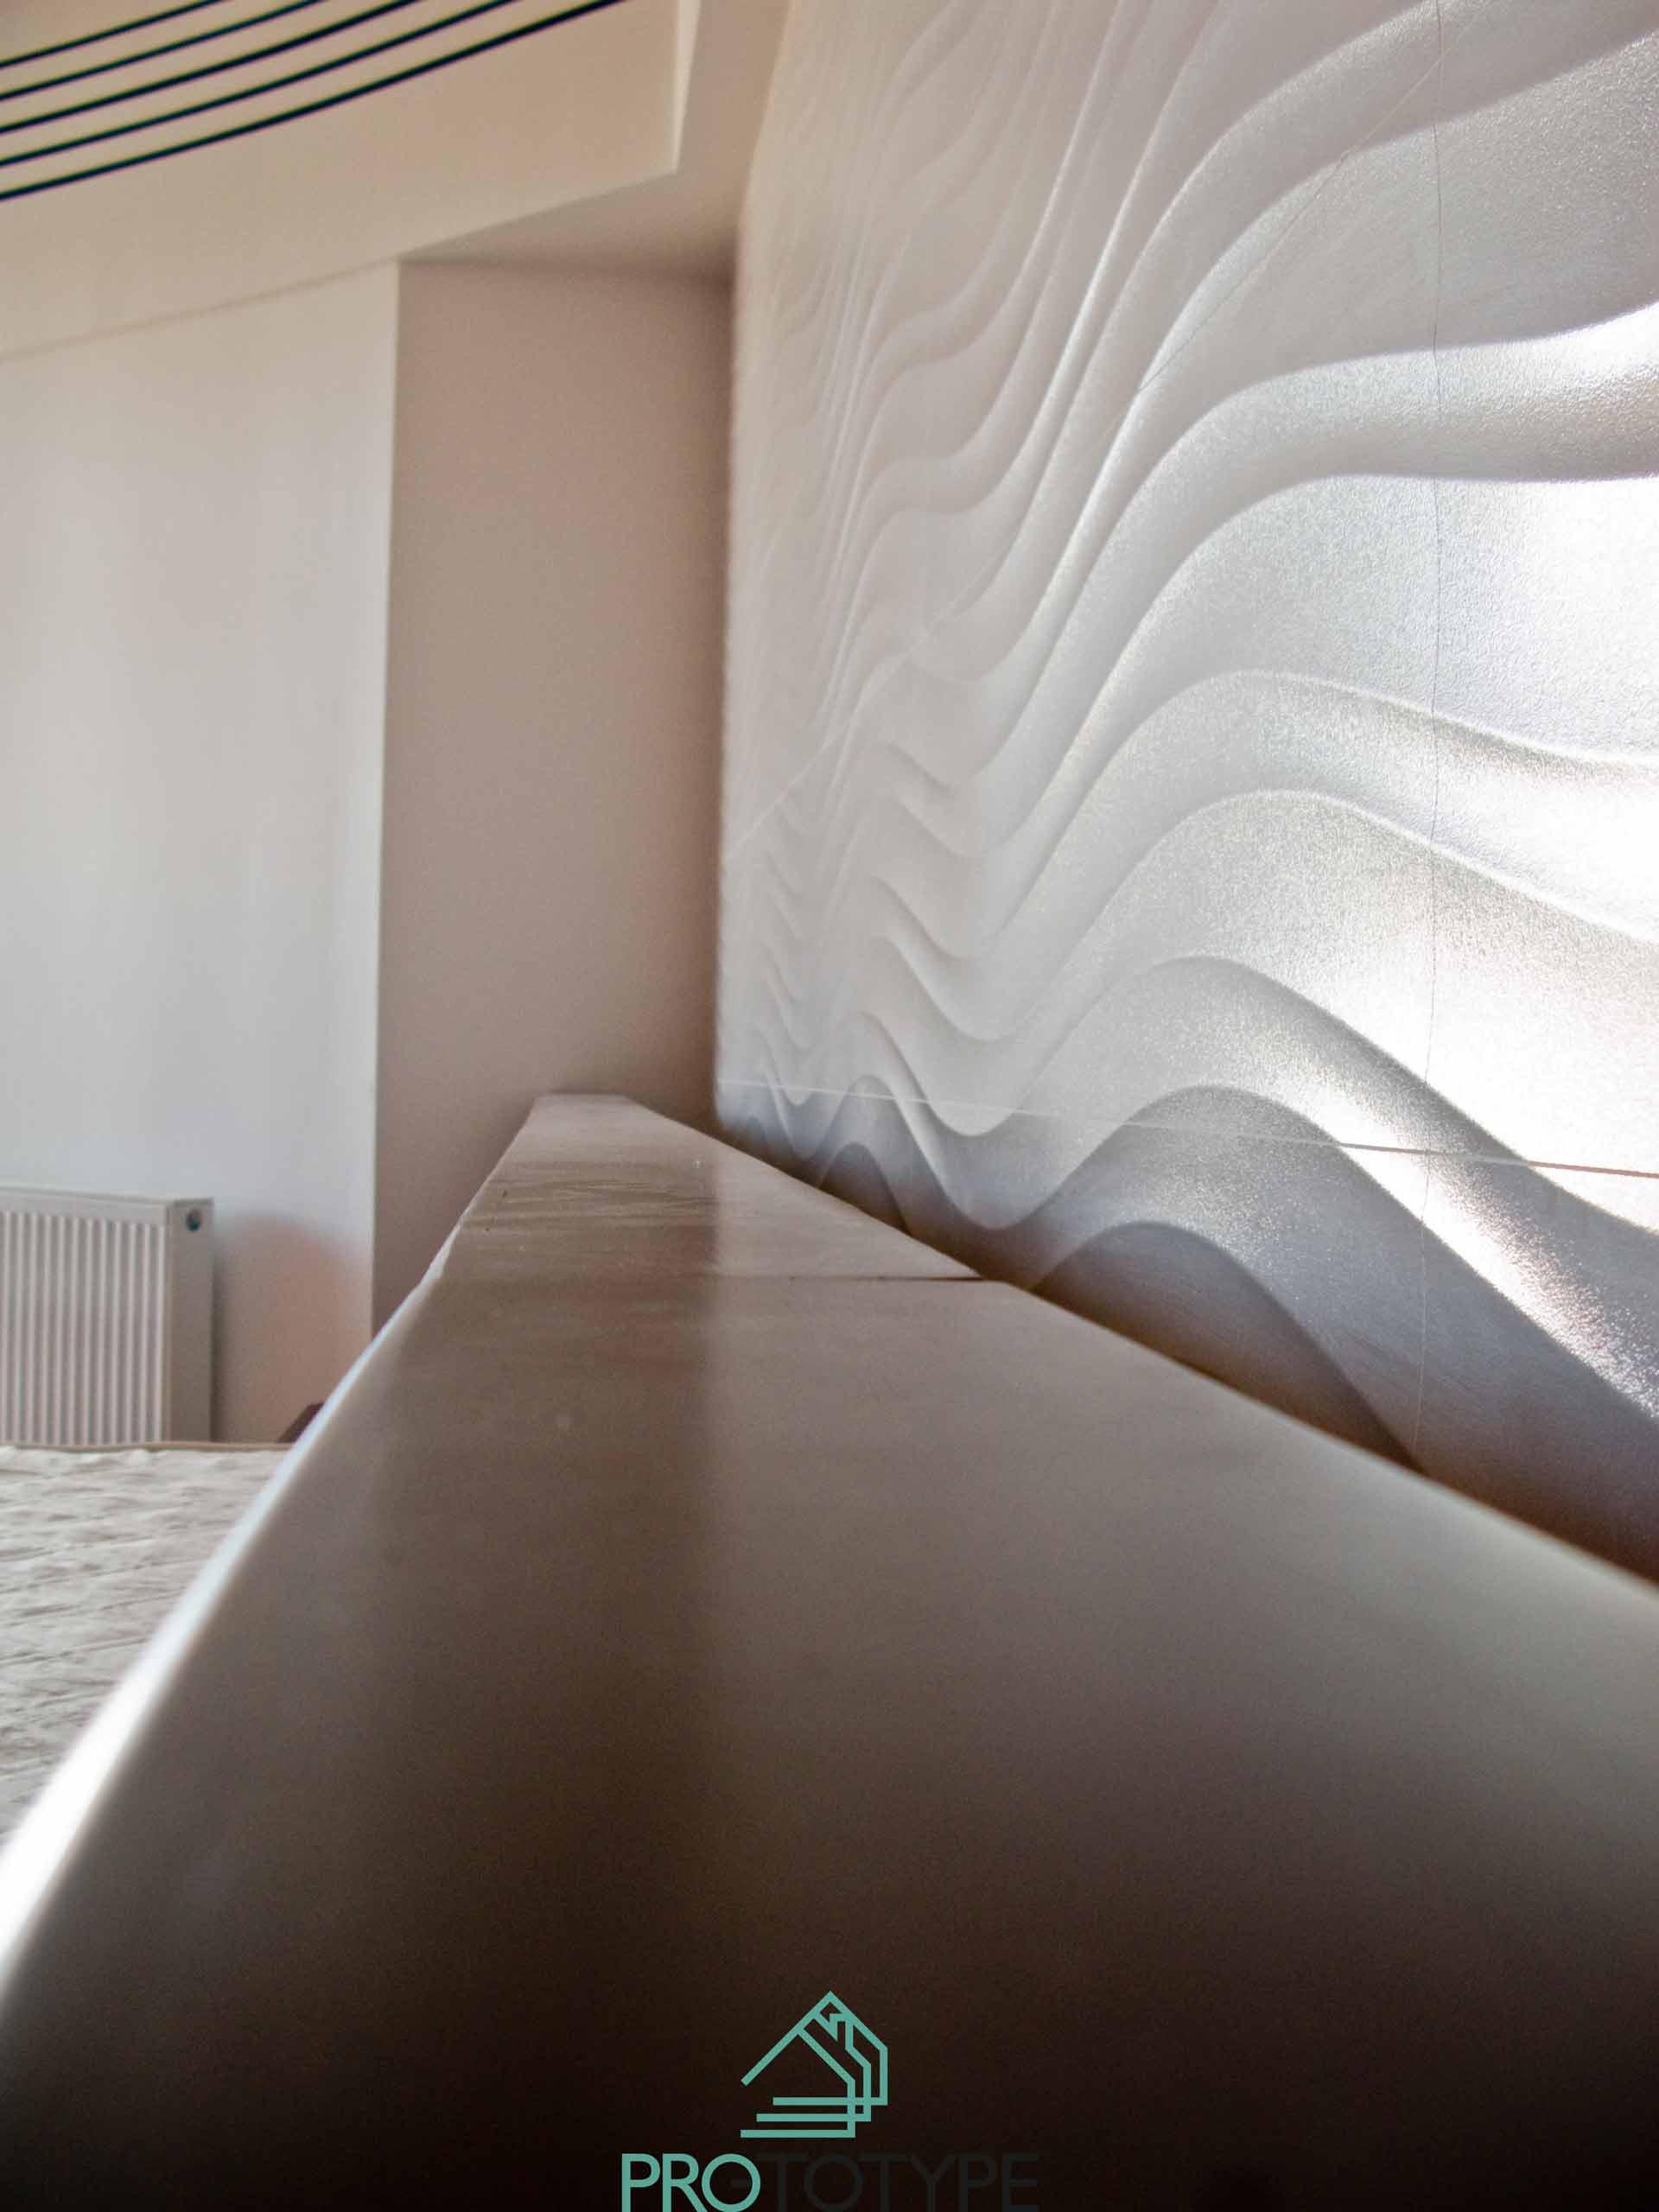 Комплектация дизайн проекта интерьера